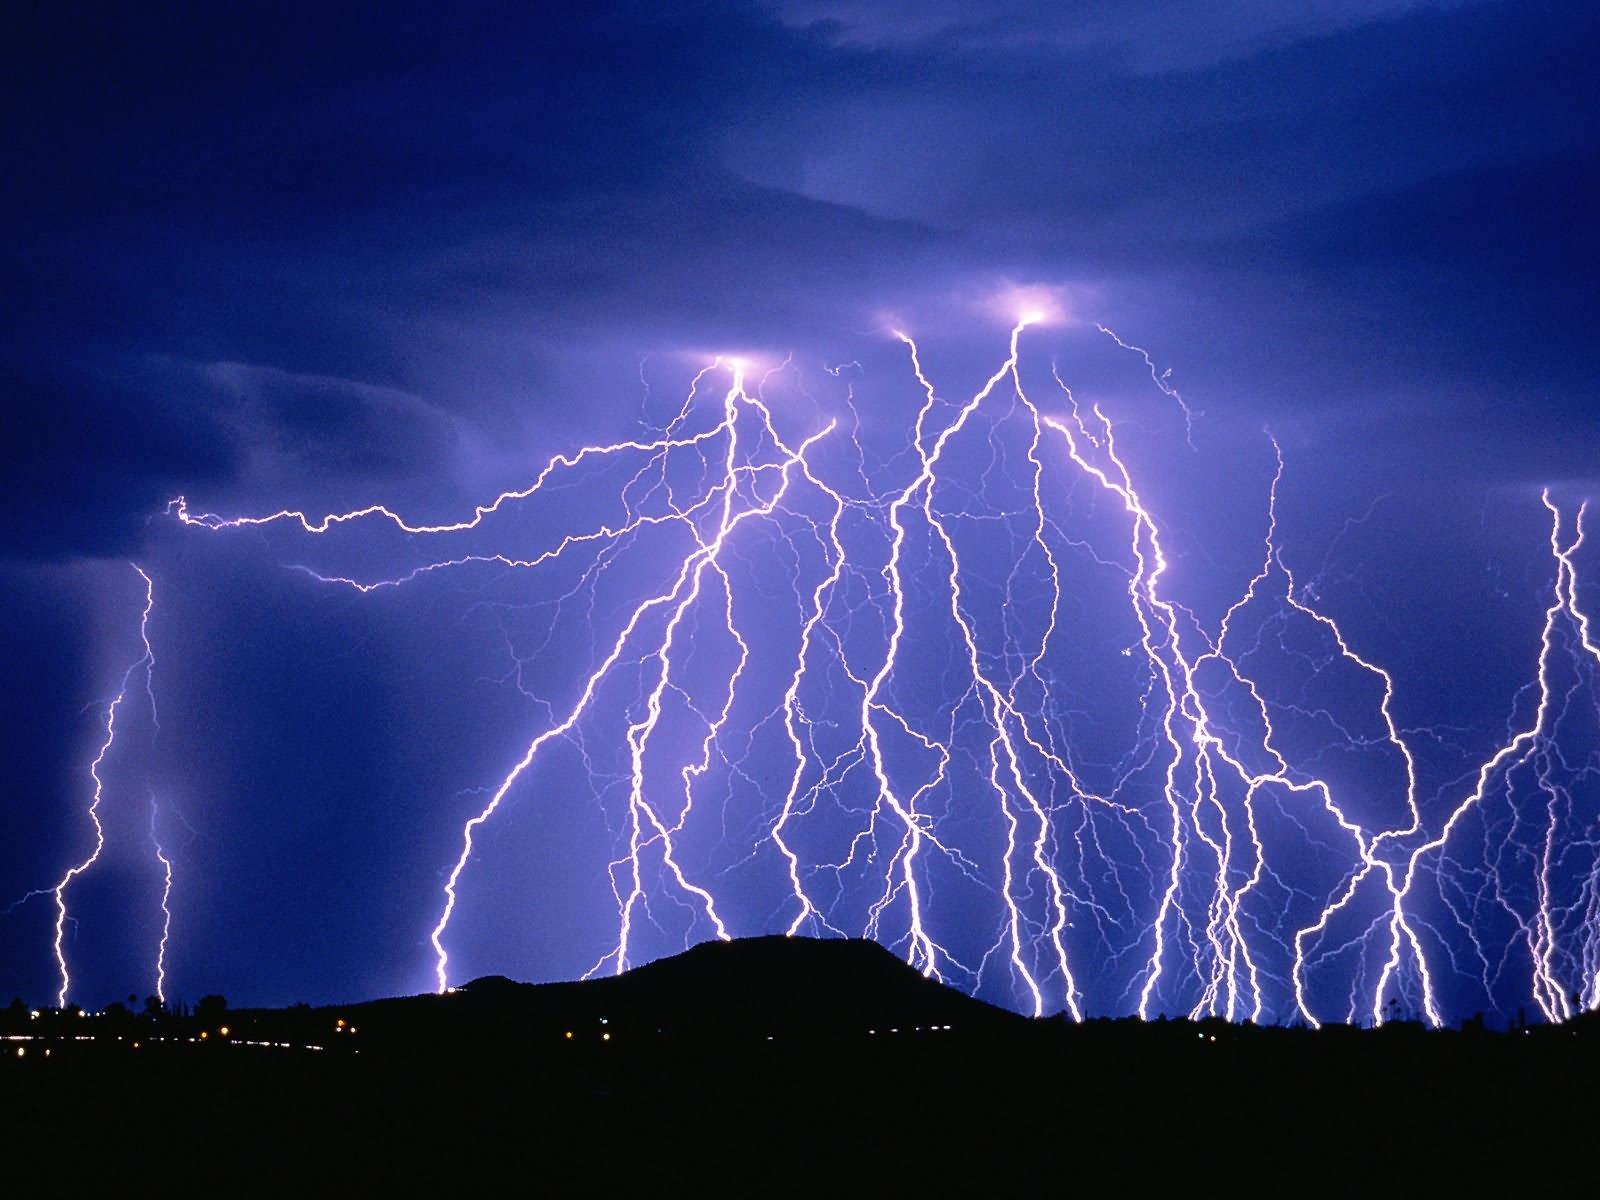 multiple bolts of lightning wallpaper 1600x1200